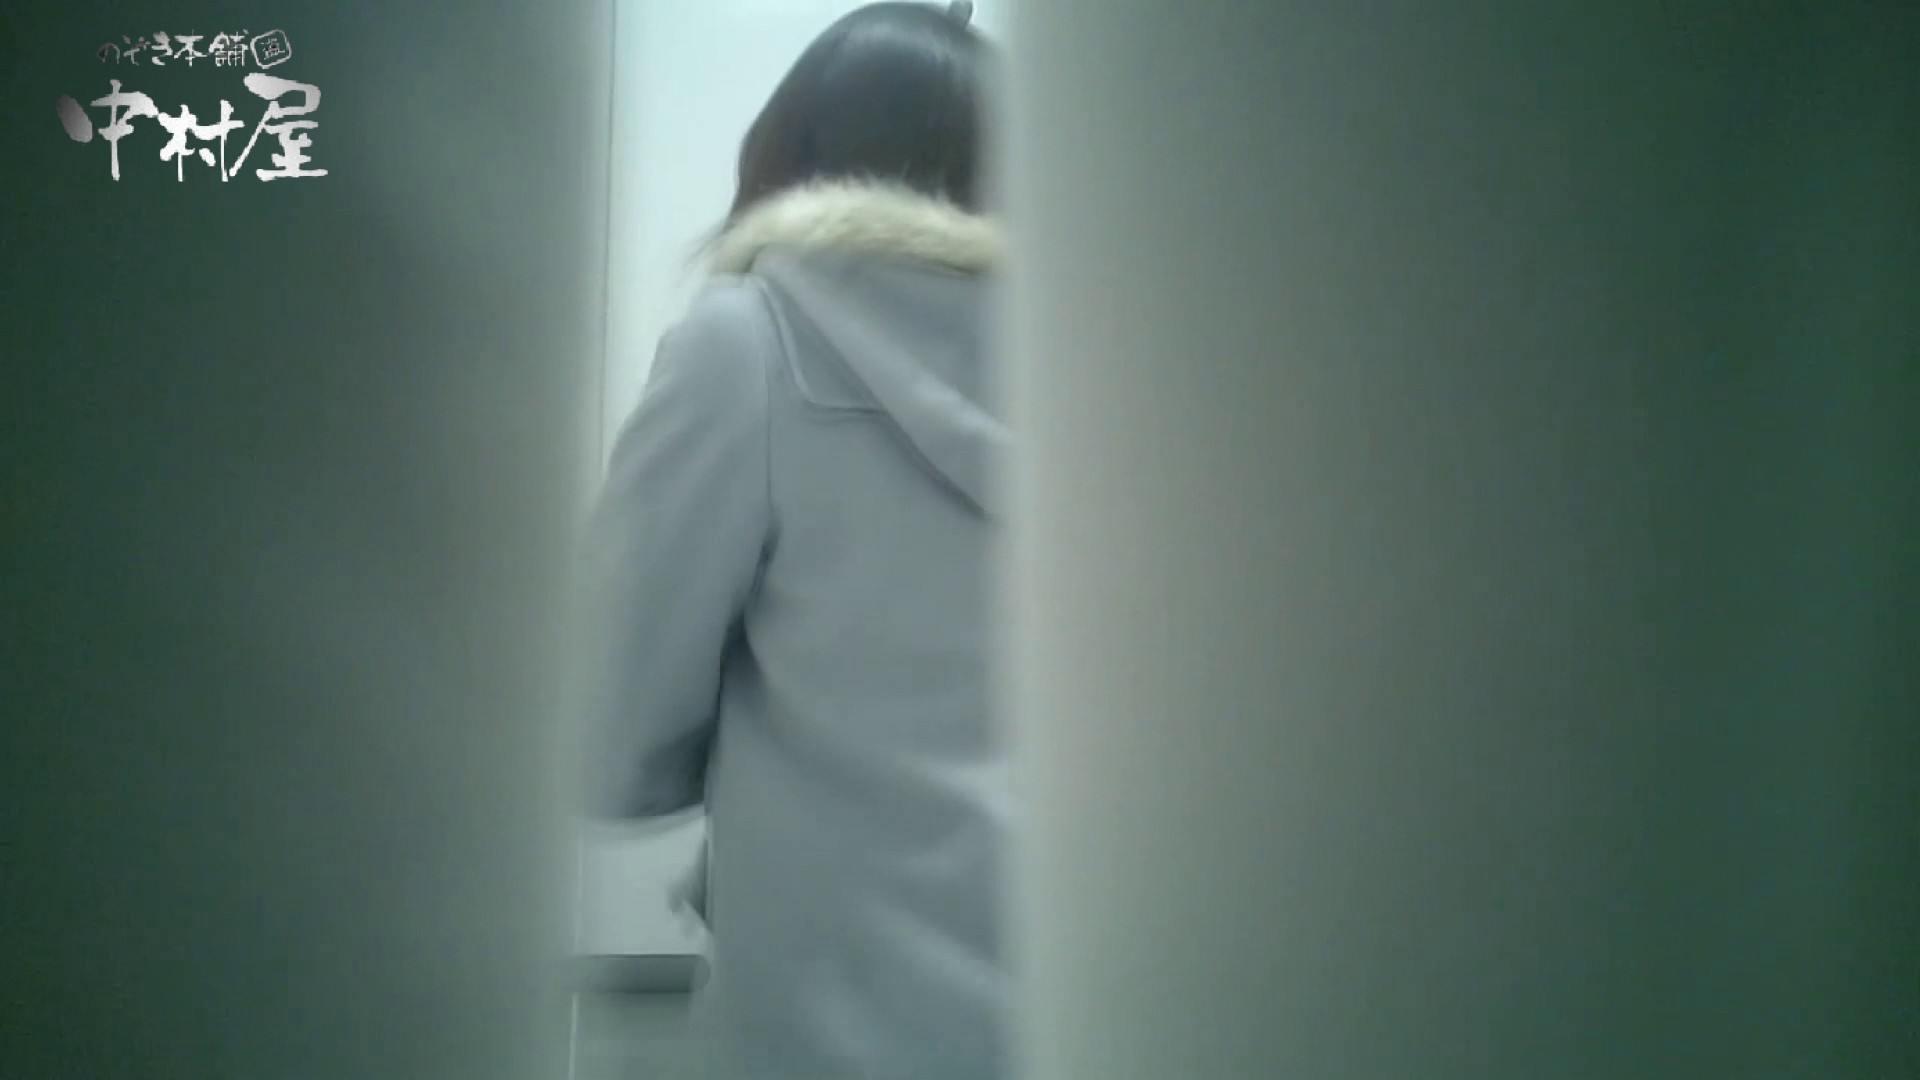 有名大学女性洗面所 vol.57 S級美女マルチアングル撮り!! 和式  53連発 35